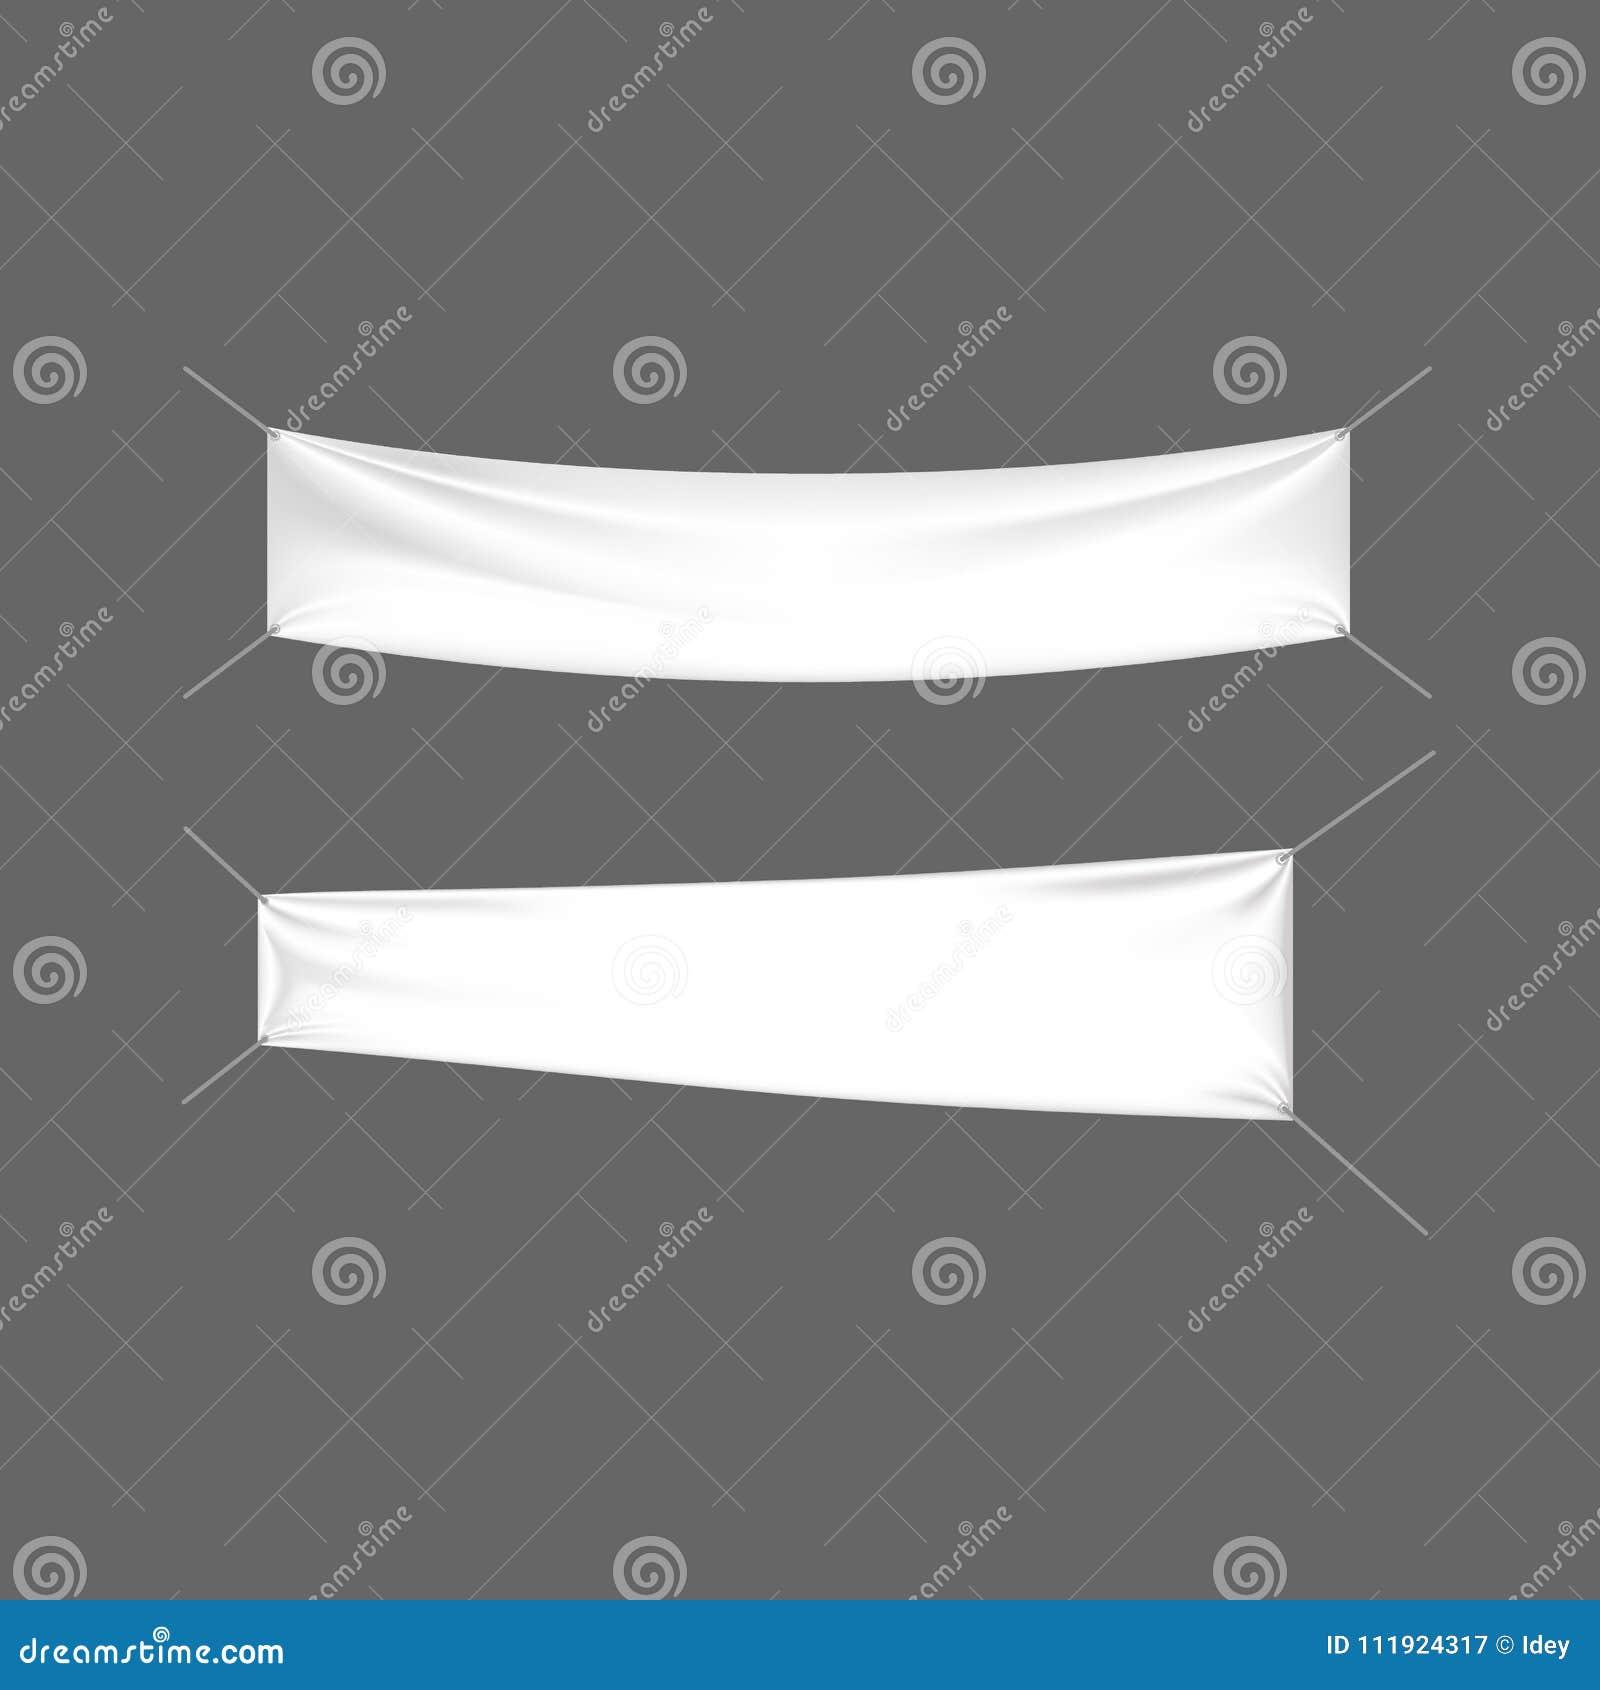 Carteleras realistas, banderas y publicidad al aire libre Muestras al por menor, soporte de la maqueta